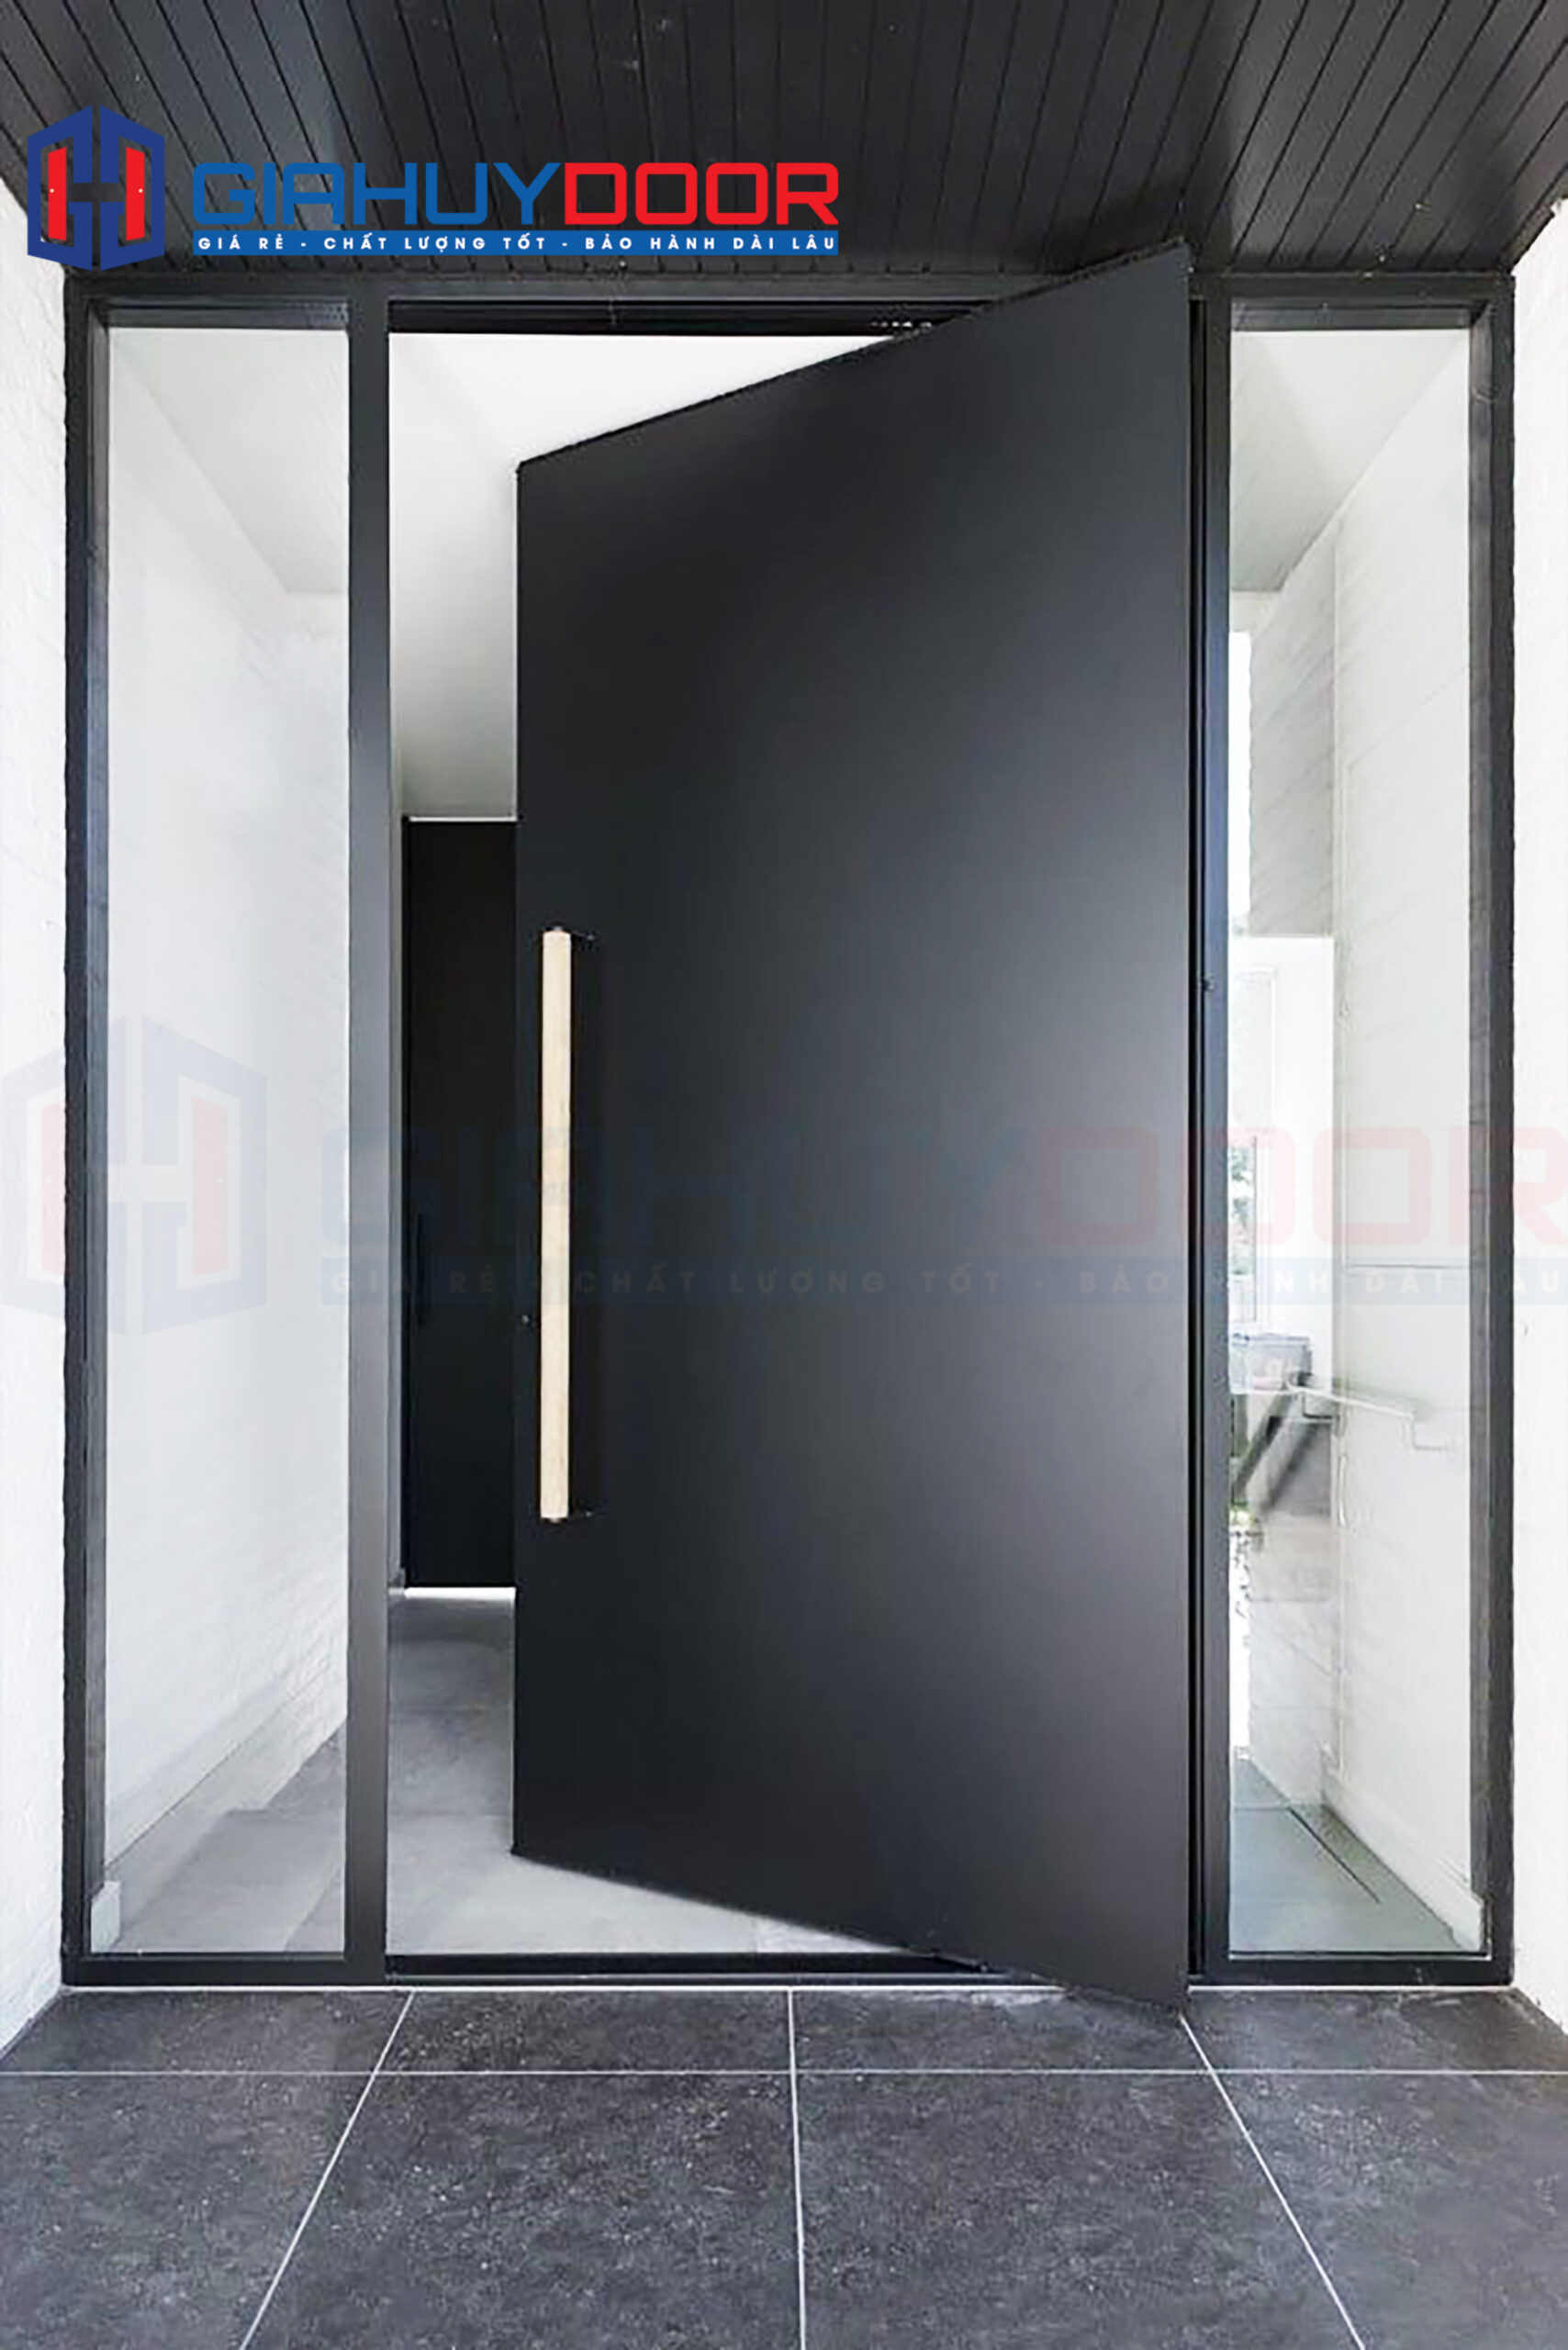 Lựa chọn hướng mở cửa vào trong phù hợp phong thuỷ cho cửa chính căn nhà